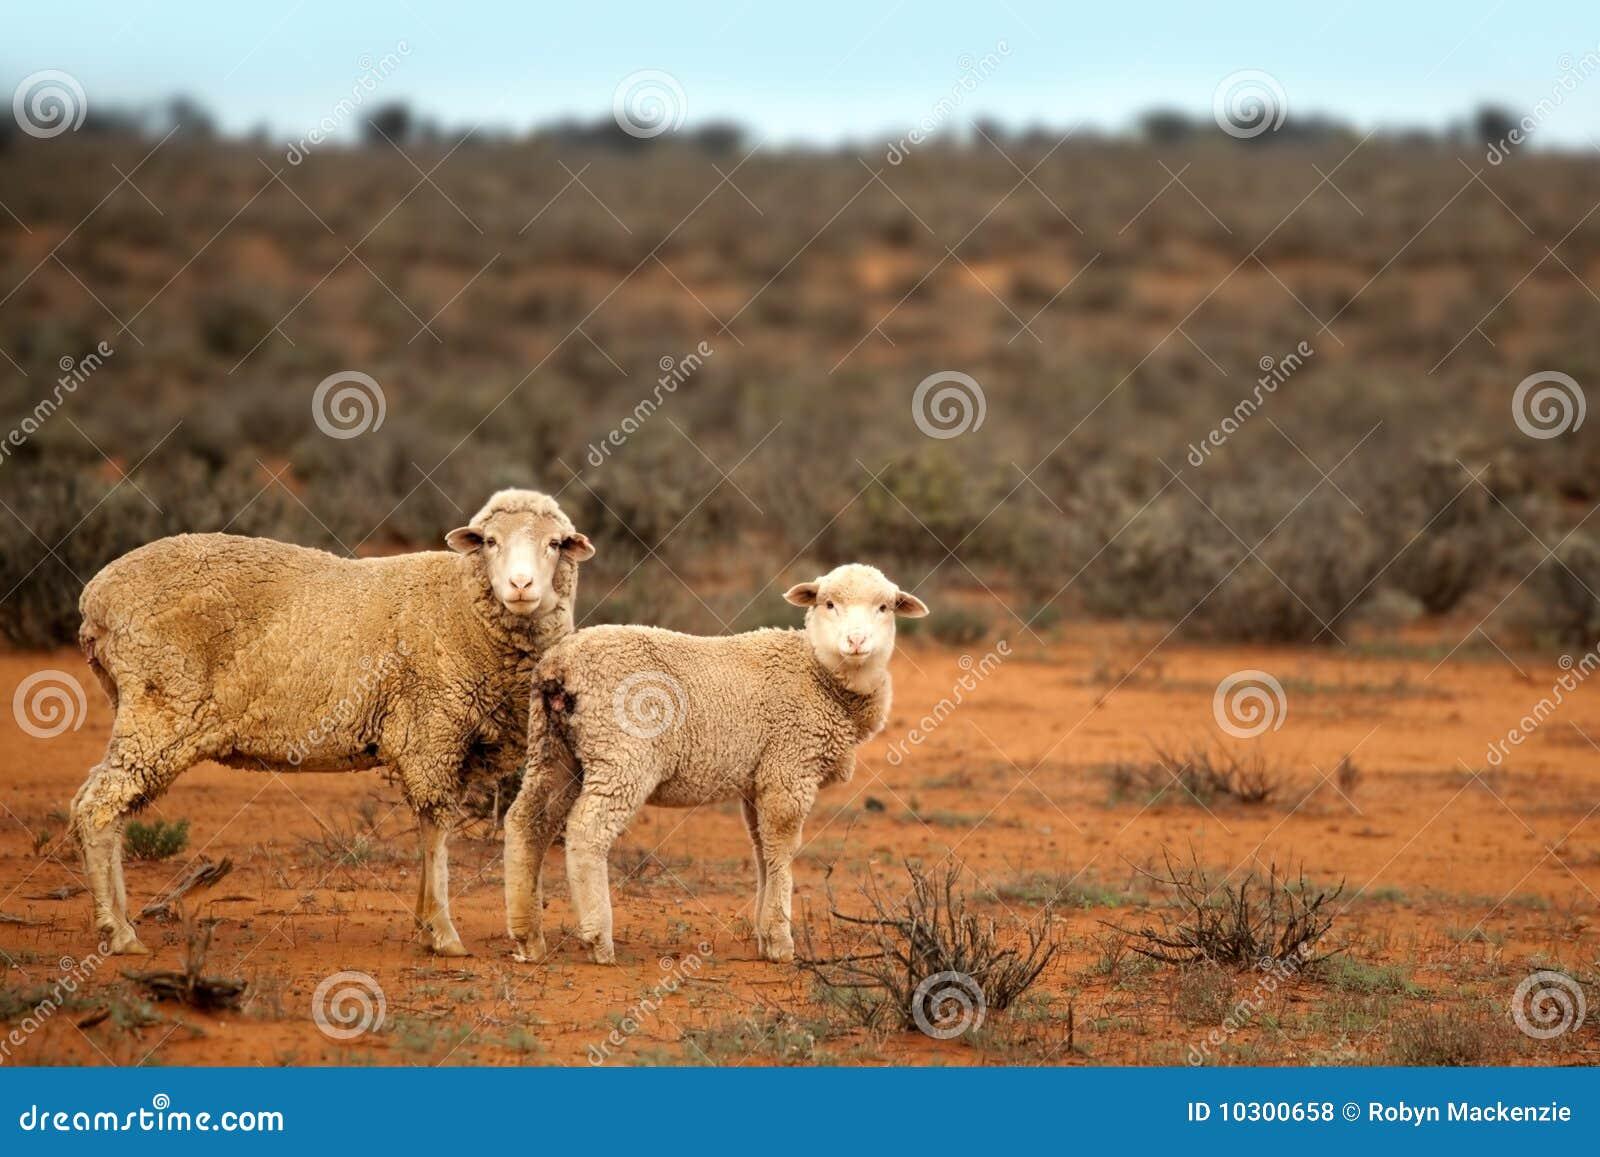 Aussie Sheep